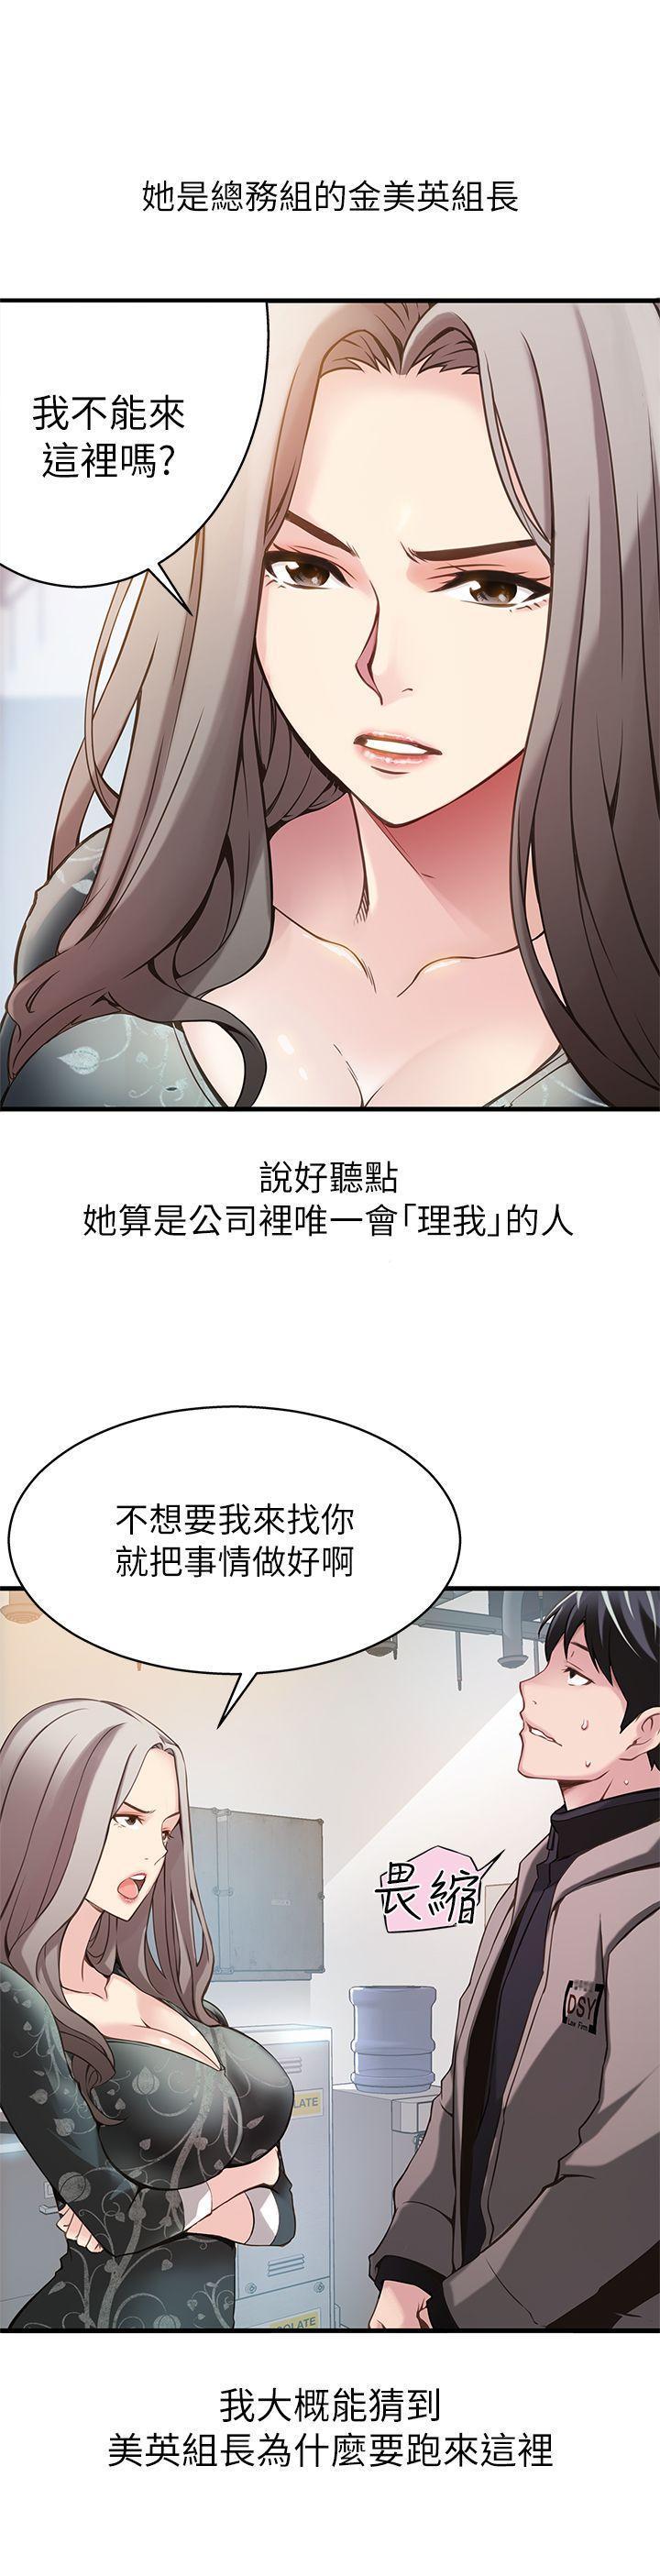 弱点韩国漫画百度云下载